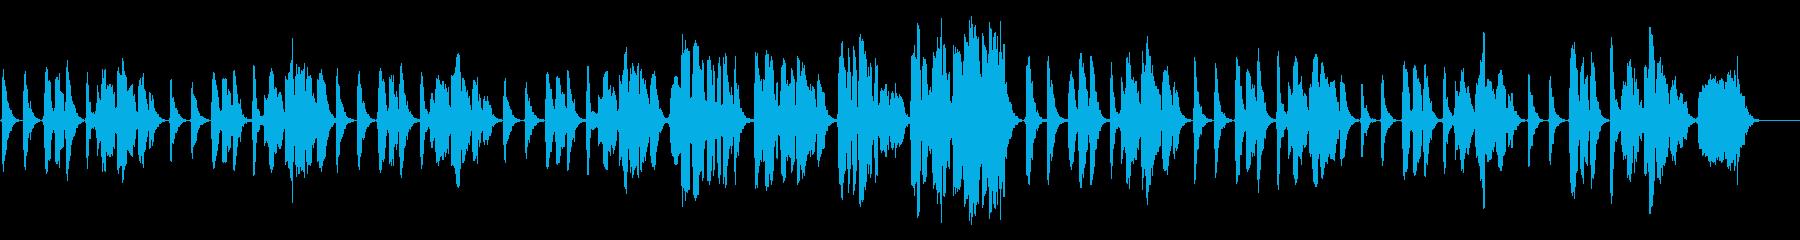 「ほたるこい」アカペラ リードVoのみの再生済みの波形